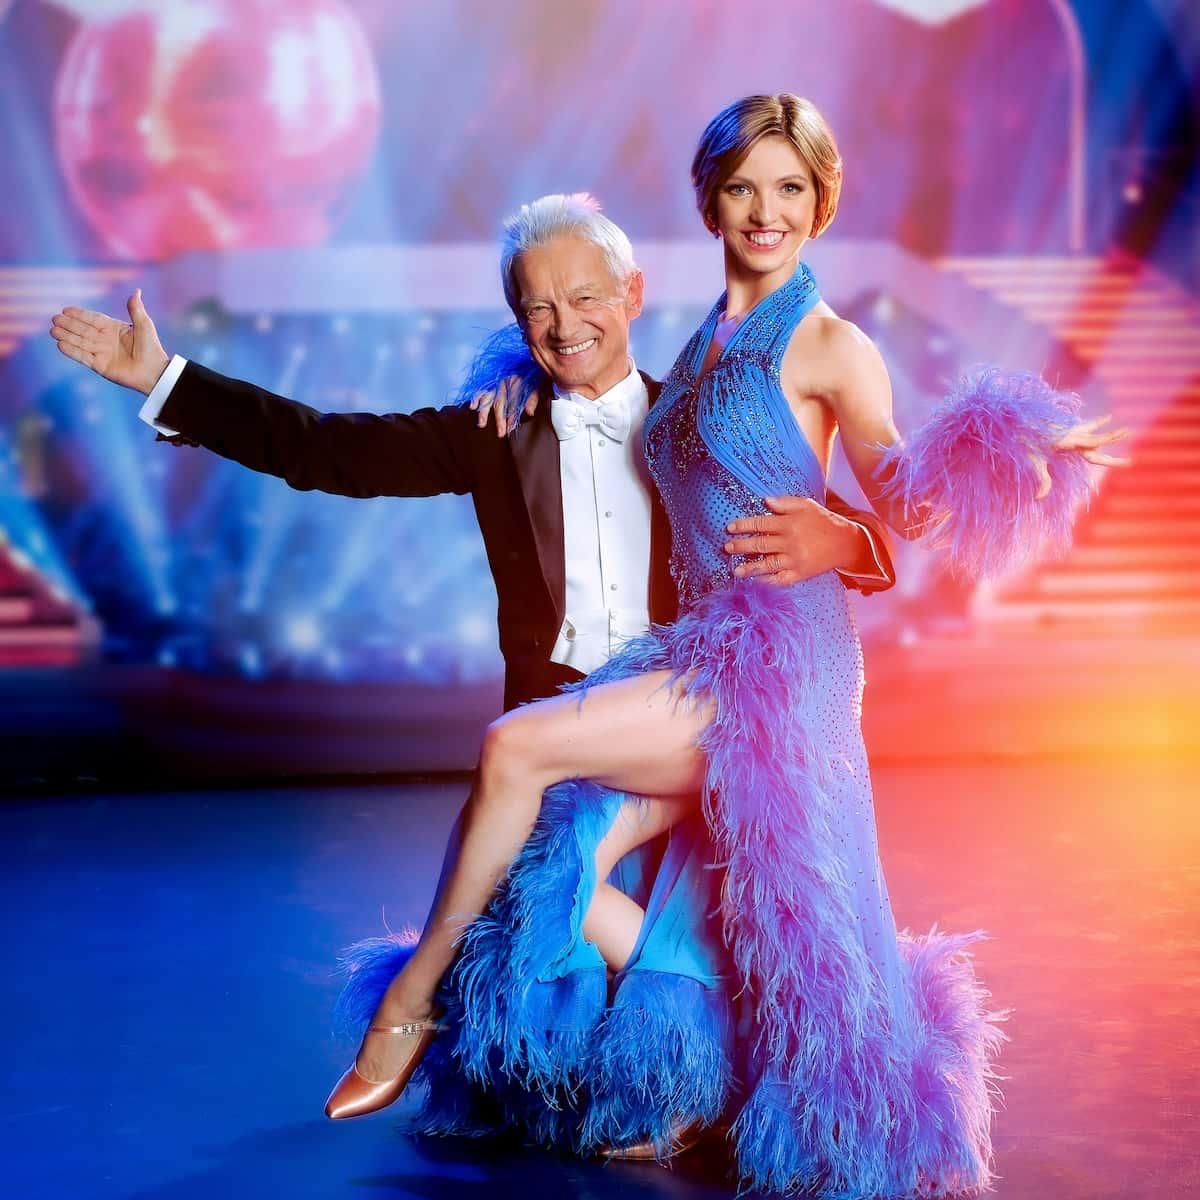 Boris Bukowski - Julia Burghardt zum Auftakt Dancing Stars am 24.9.2021